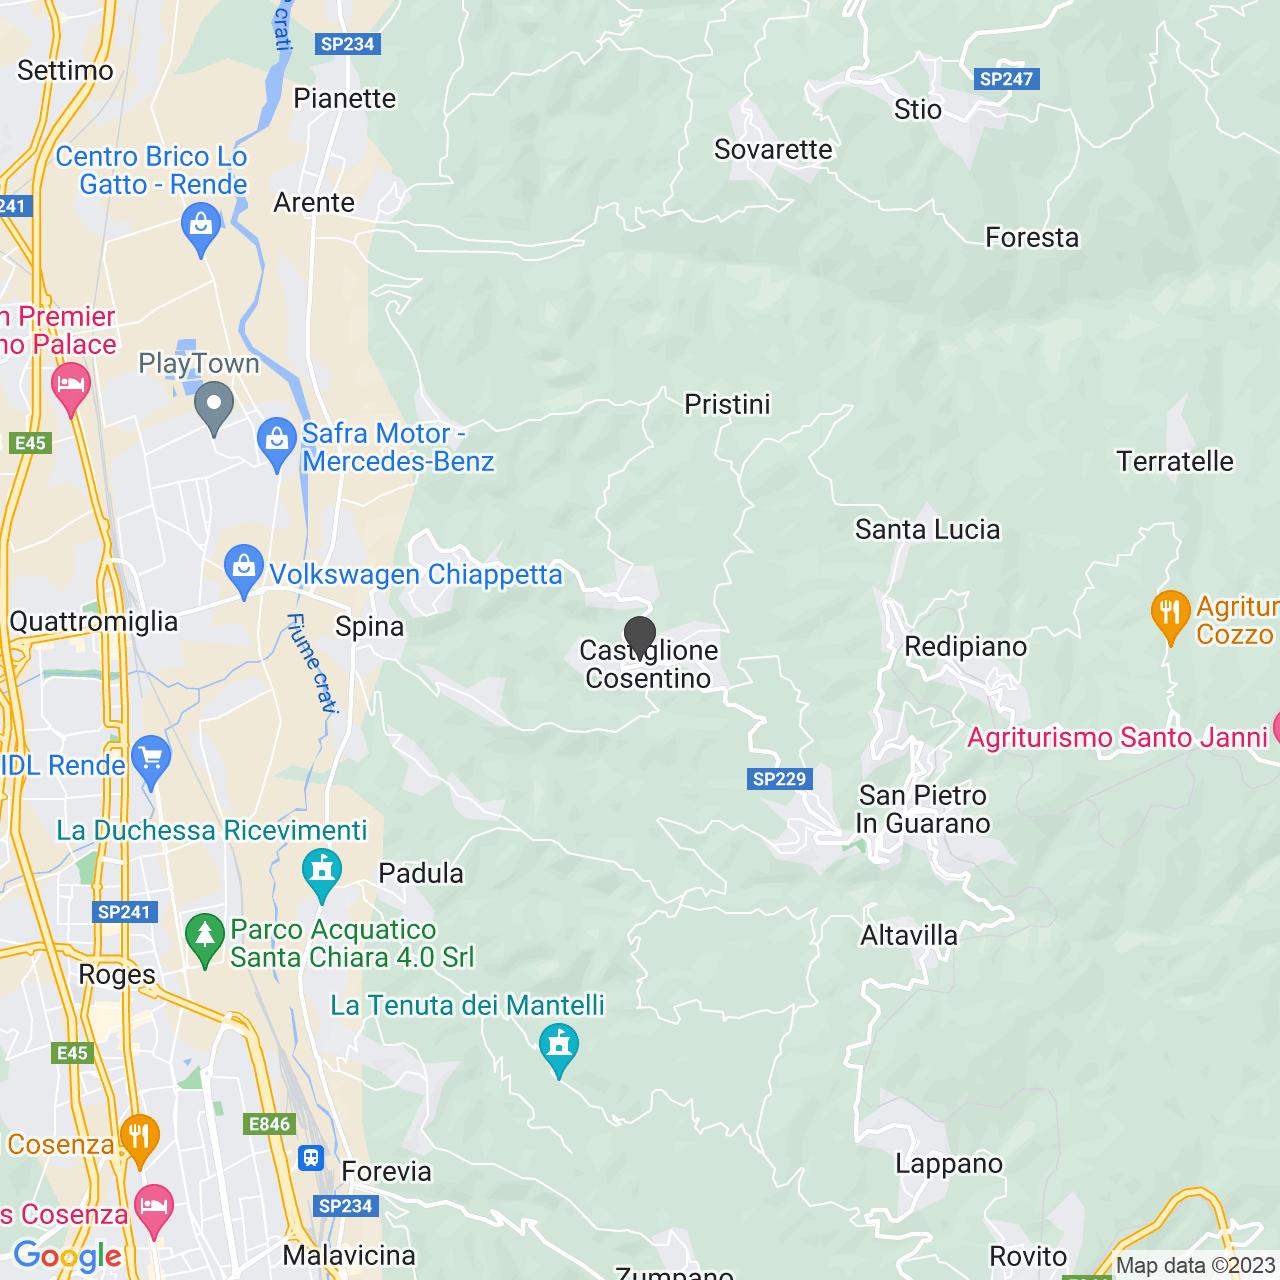 CIMITERO CASTIGLIONE COSENTINO